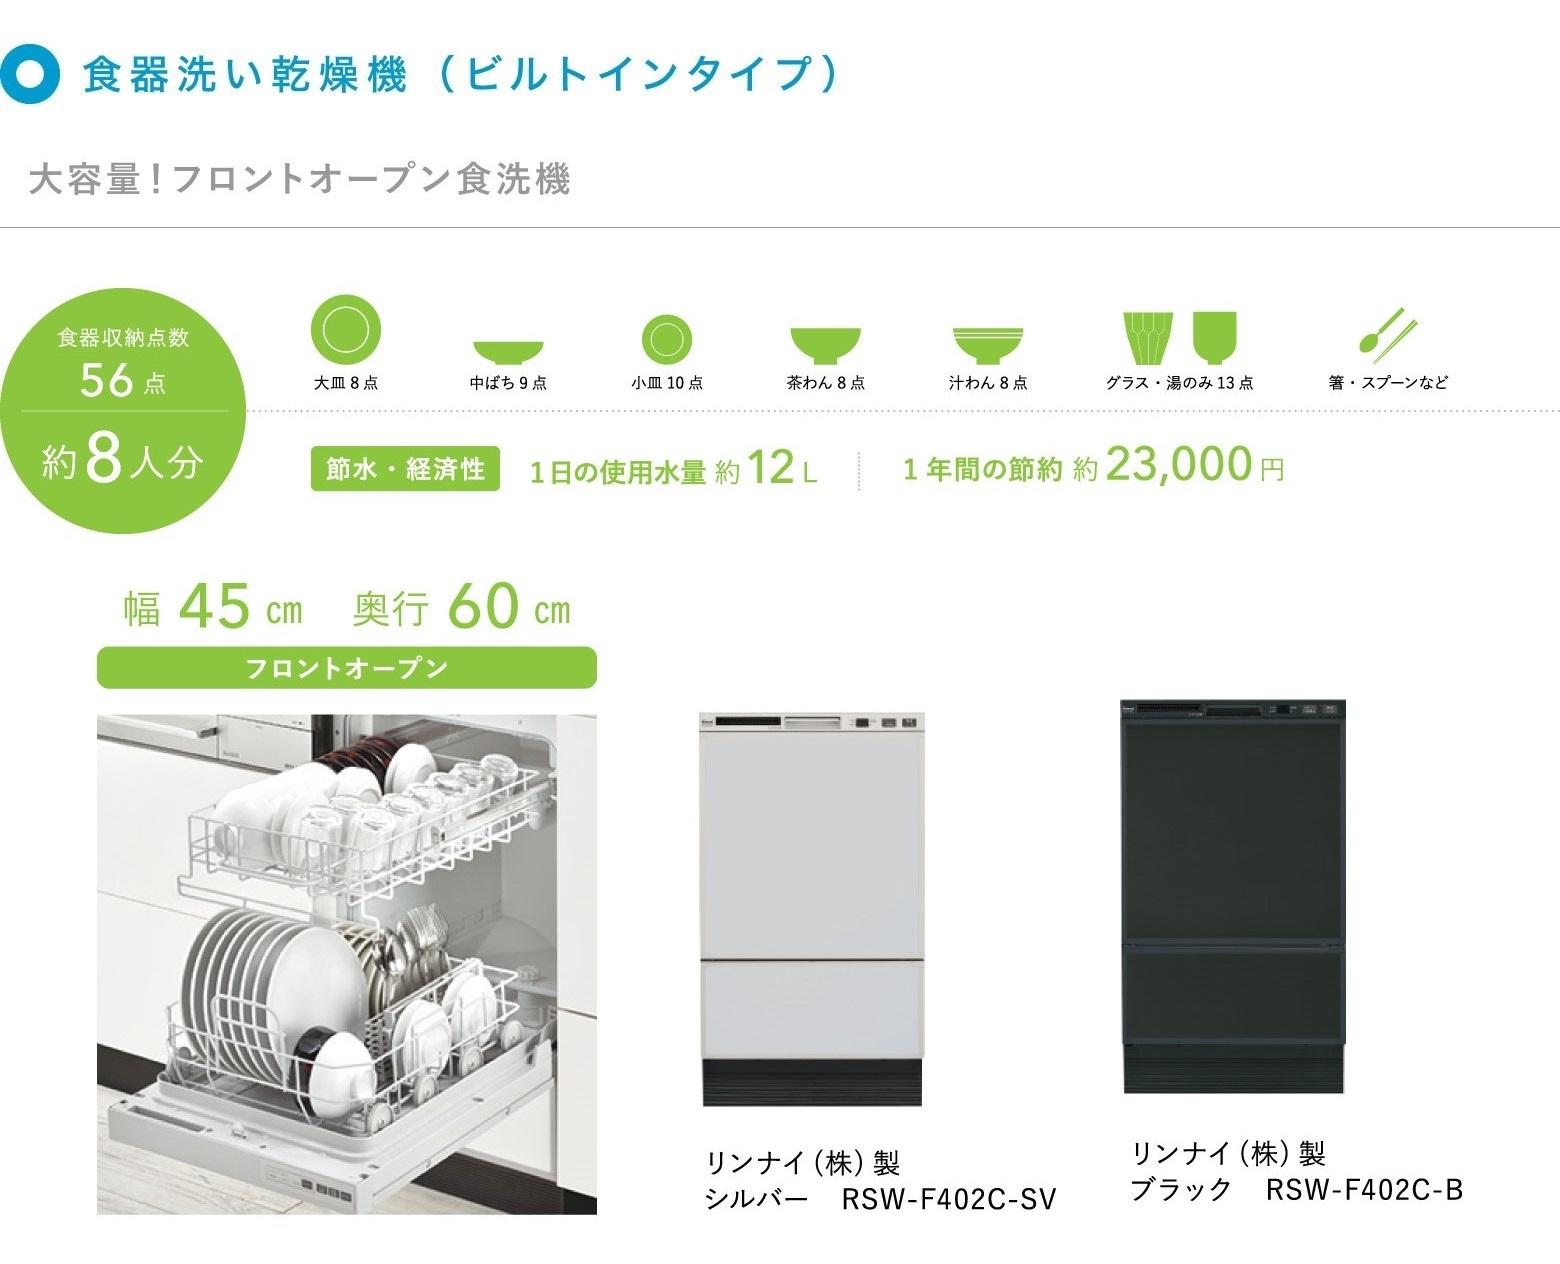 食器洗い乾燥機F402C紹介